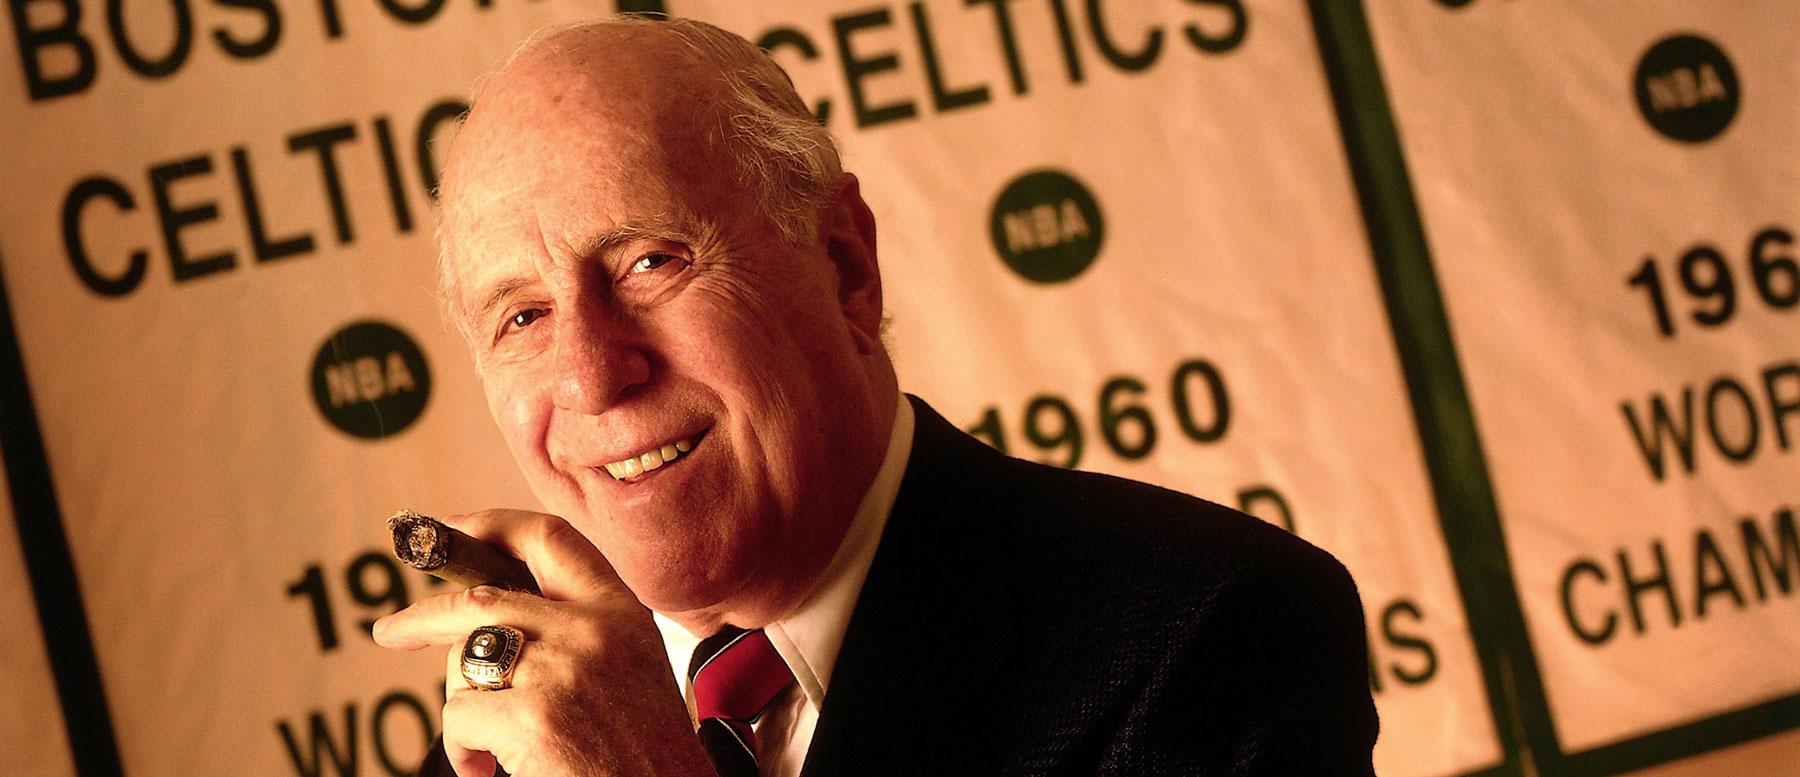 Celtics Coach Red Auerbach Retires